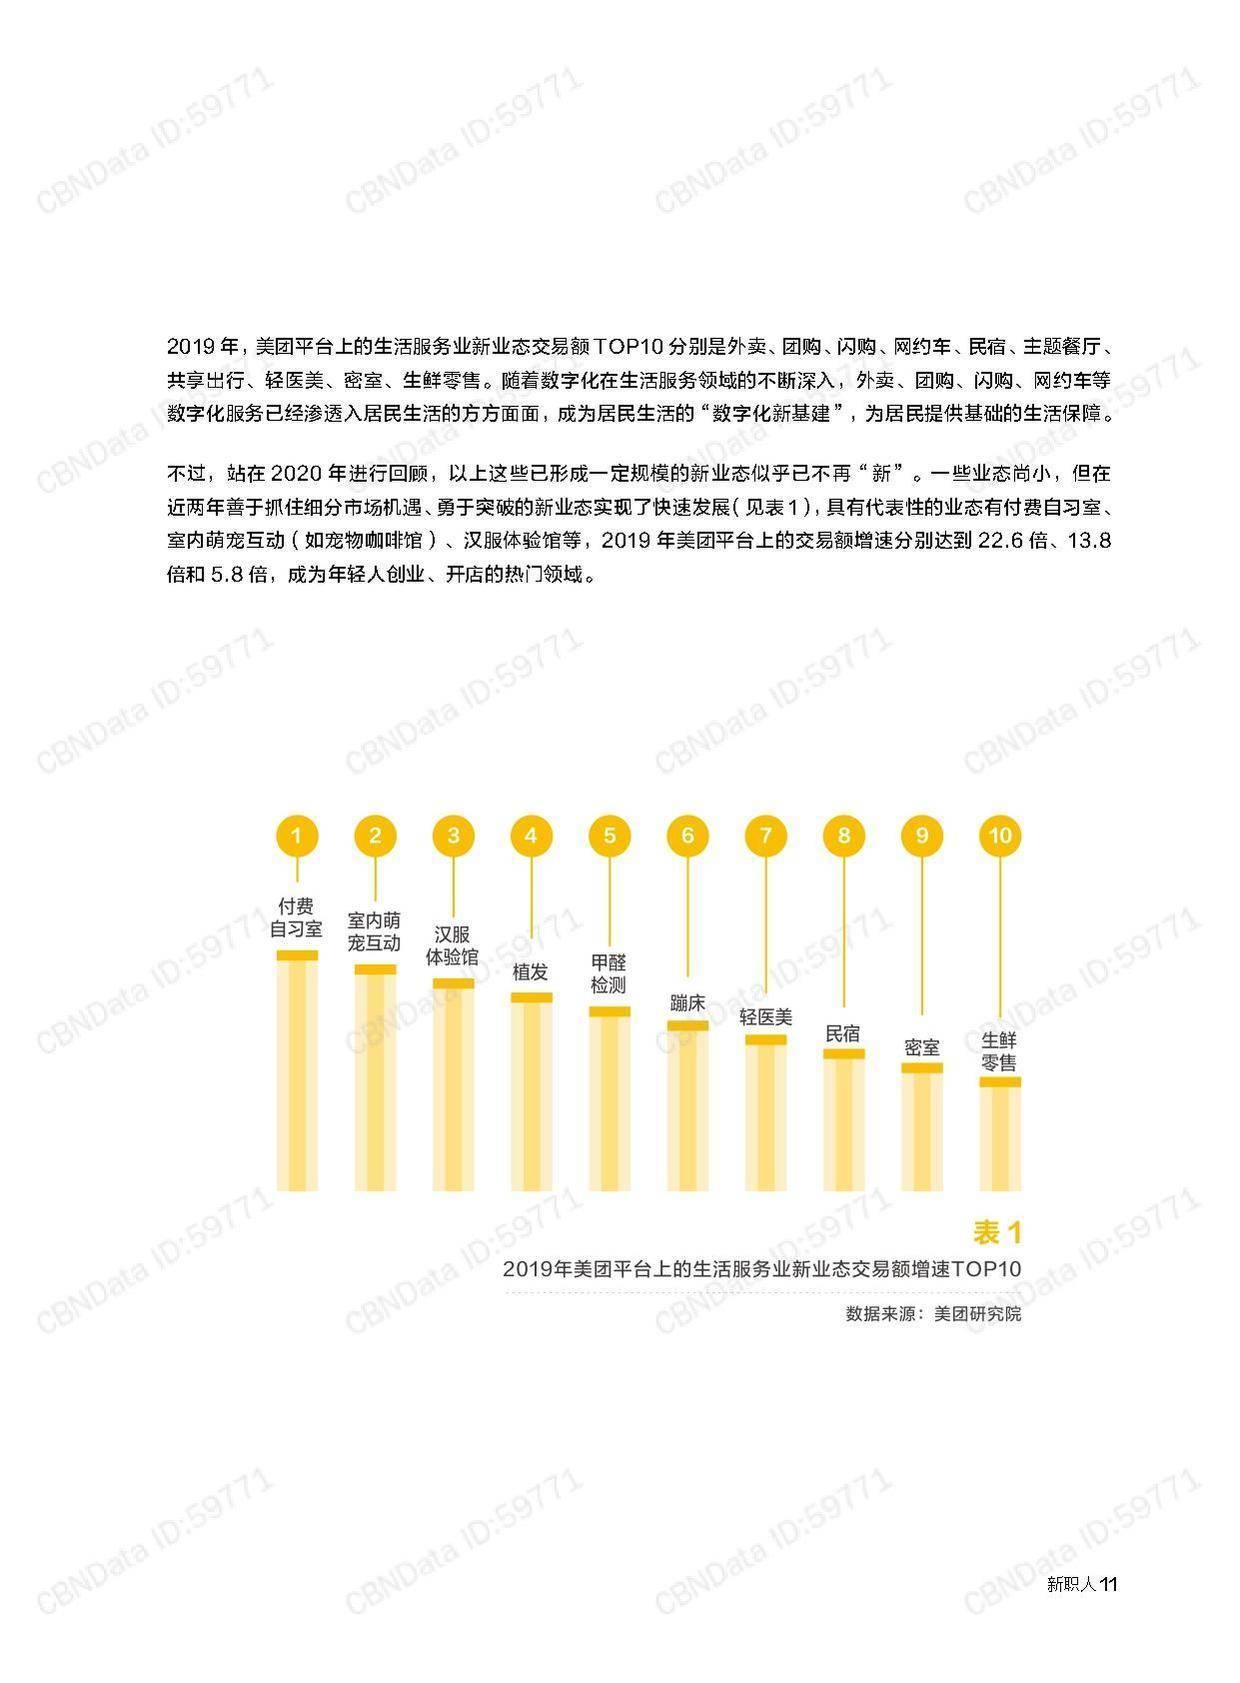 美团研究院:2020年生活服务业新业态和新职业从业者报告